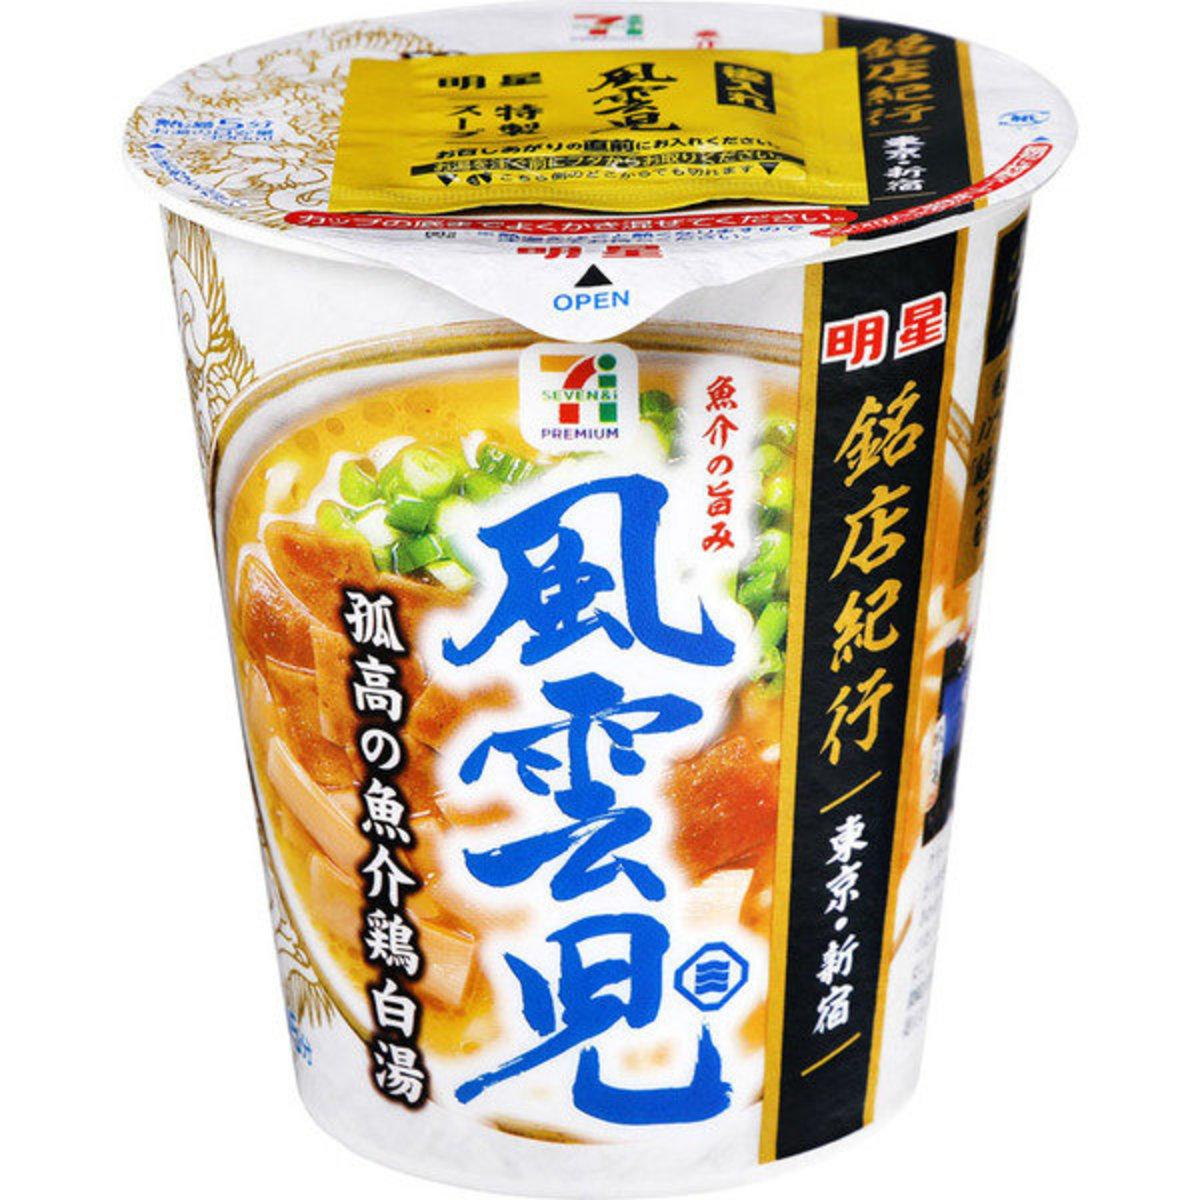 日本Seven Premium新宿 風雲見 孤高魚介鷄白湯拉麵 x 3個